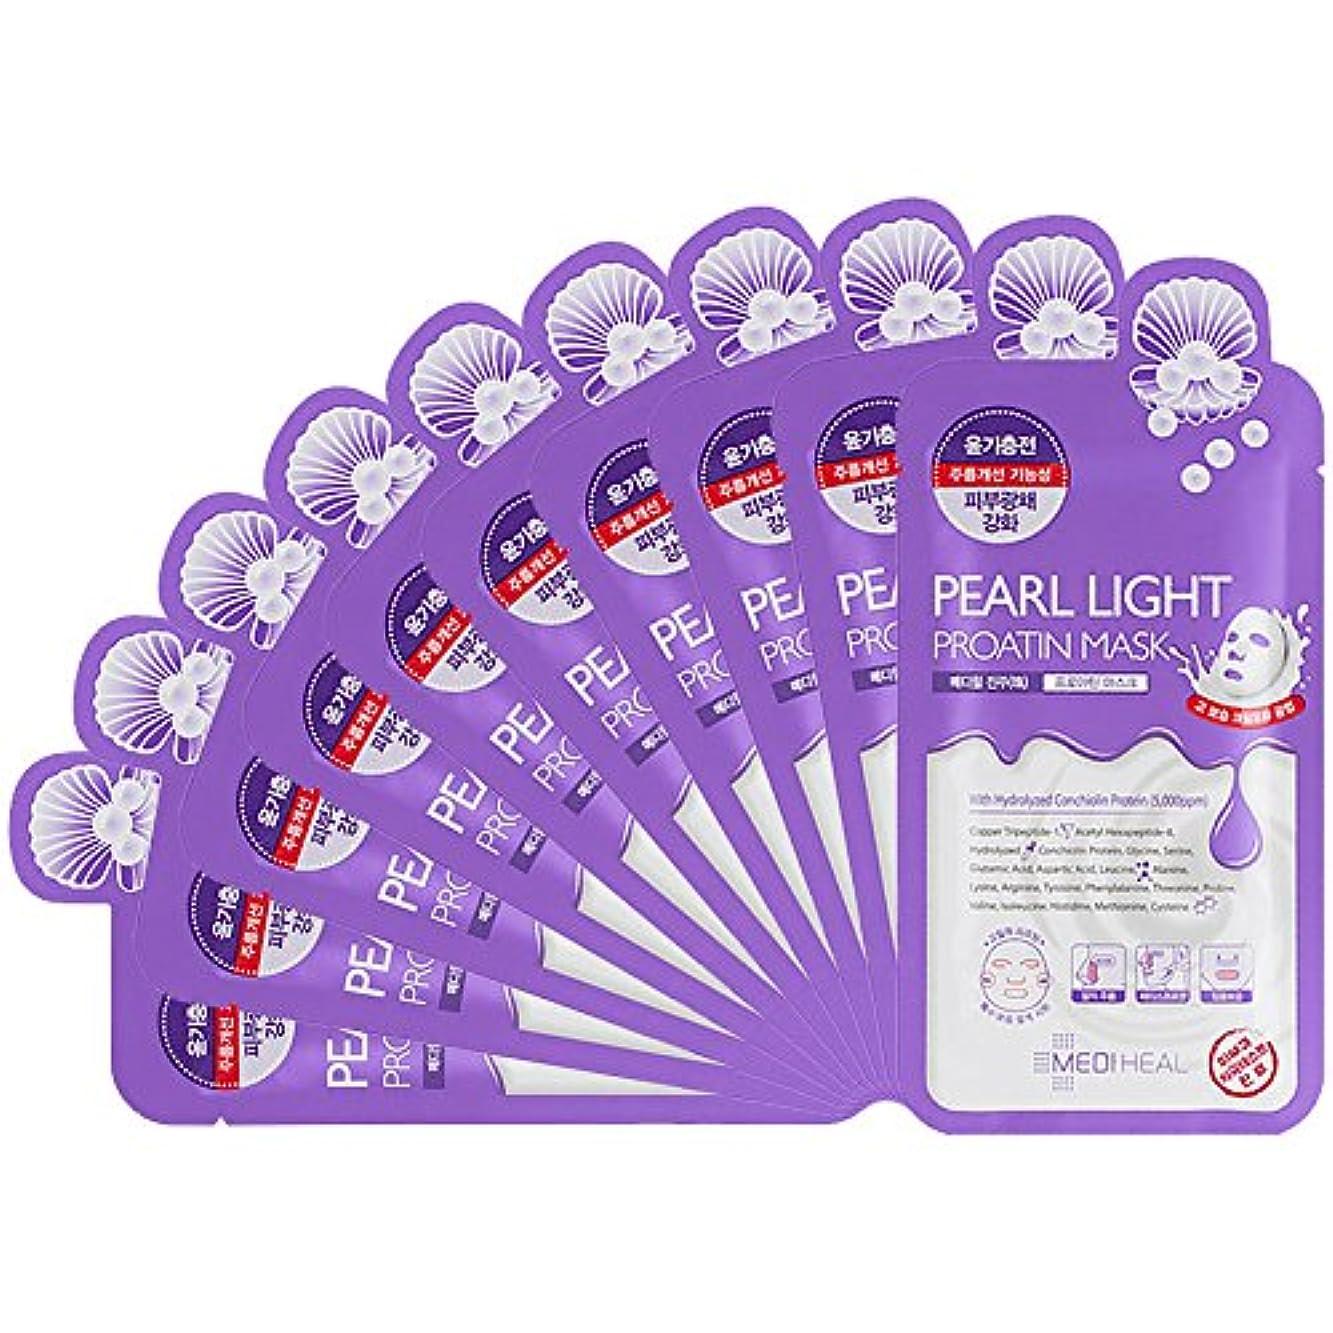 合理的ぼかす慎重[[MEDIHEAL]] メディヒールパールライトプロアチン マスクPearl Light Proatin Mask 10pc